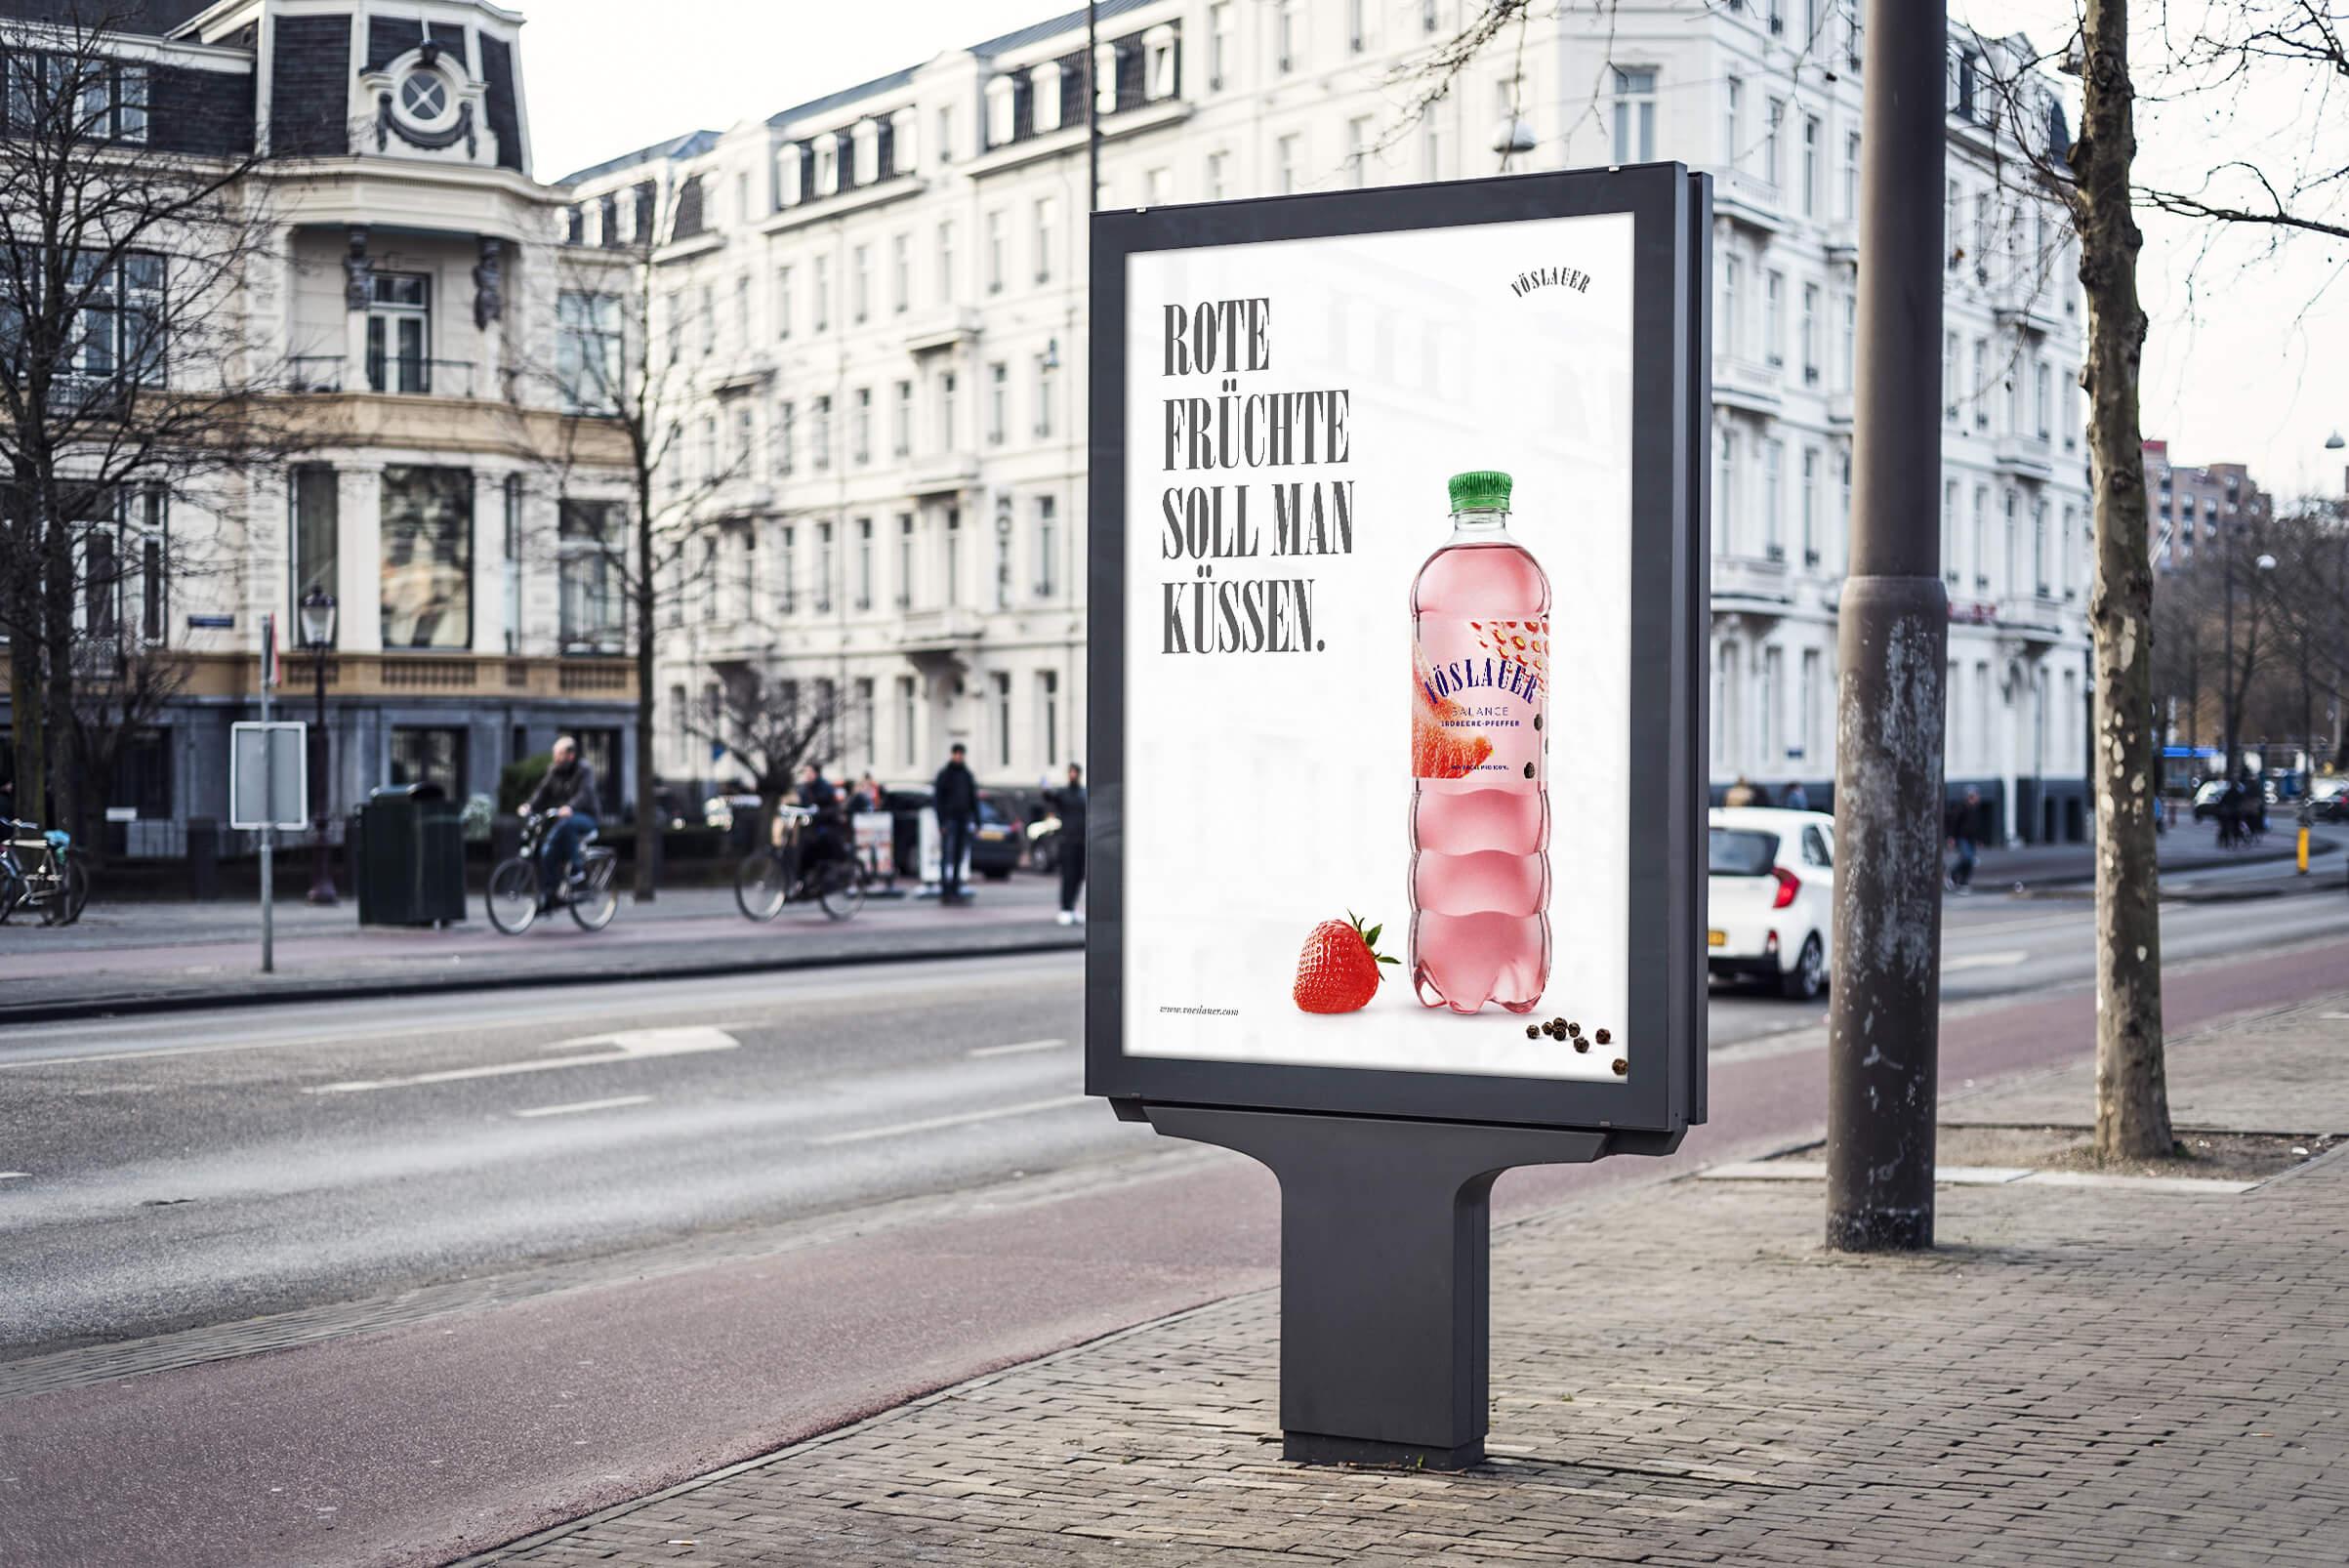 Rote Früchte soll man Küssen, Konzept von Philipp Mandler